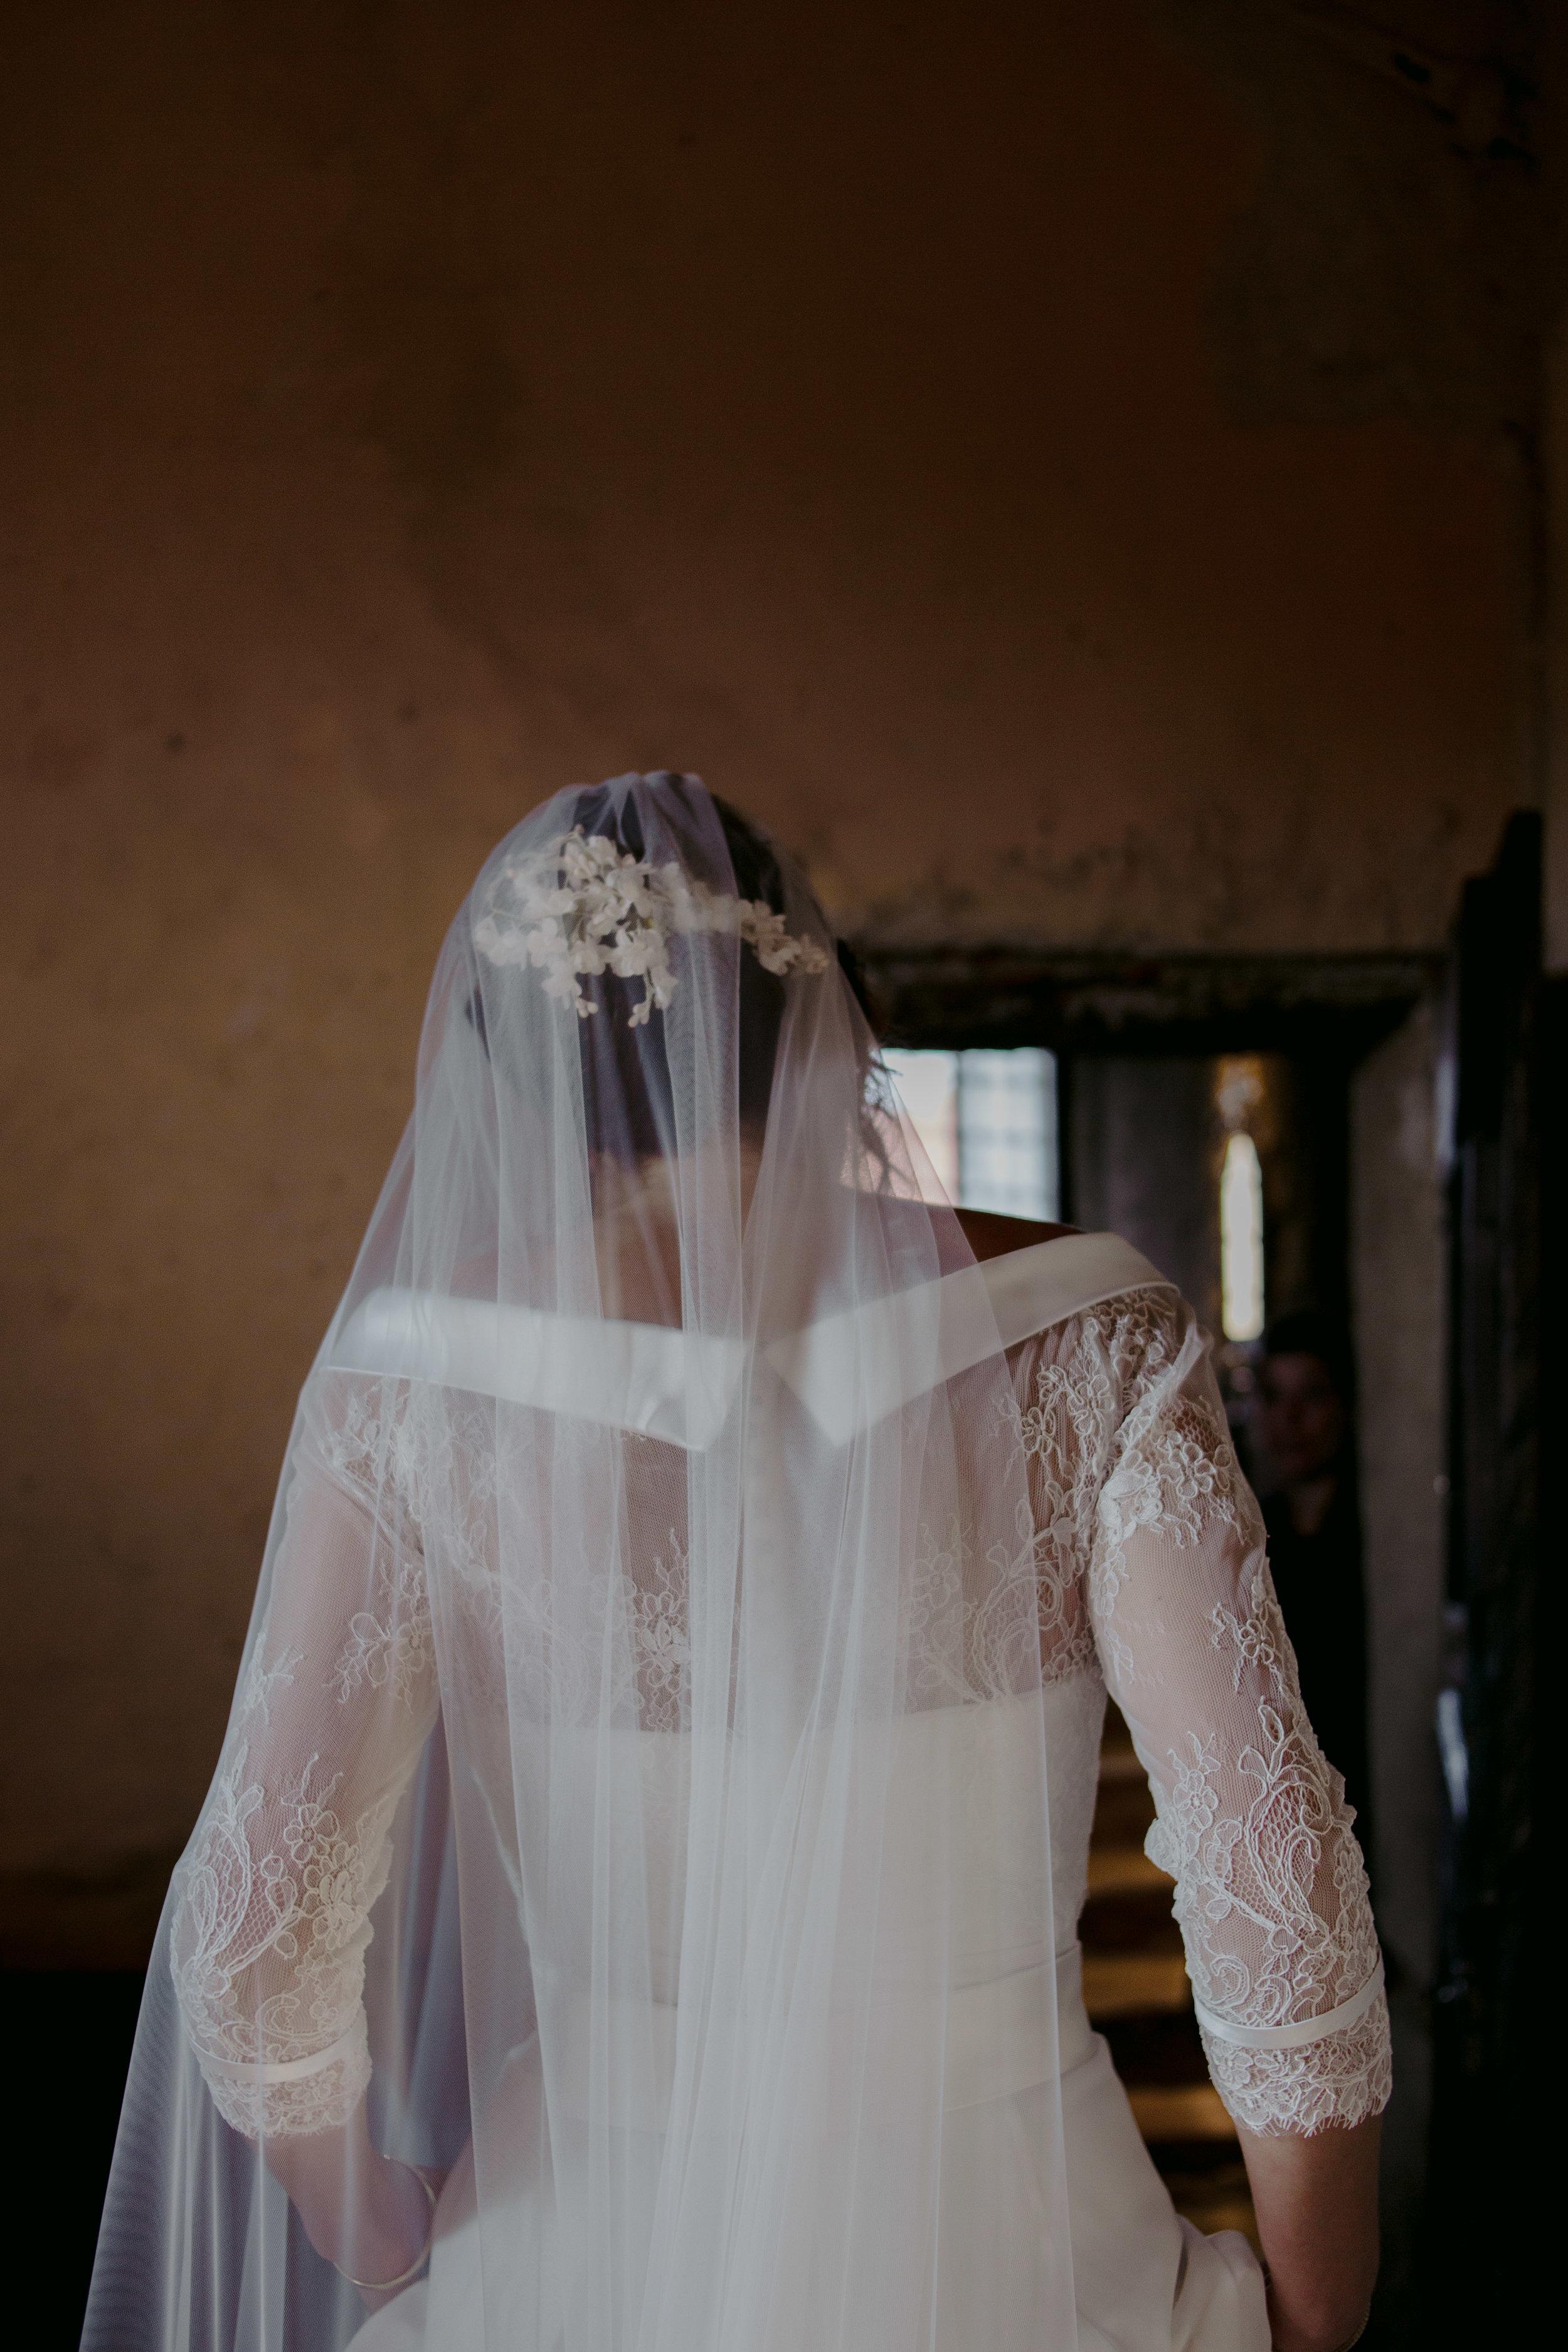 001 - Preparazione sposa-18.JPG